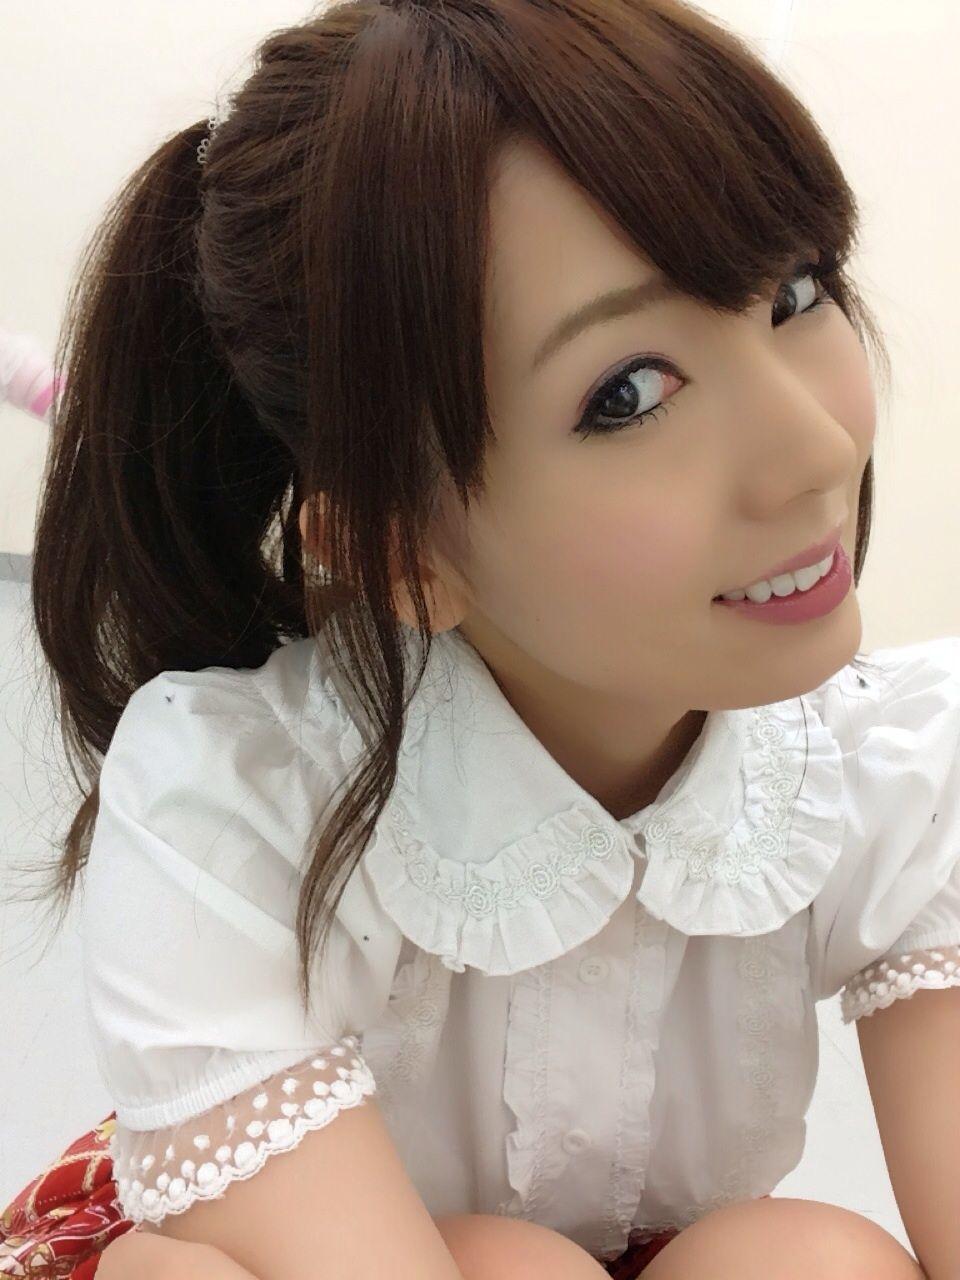 世界のハタノ 公式ブログ:お久しぶりです*\\(^o^)/* - livedoor Blog ...